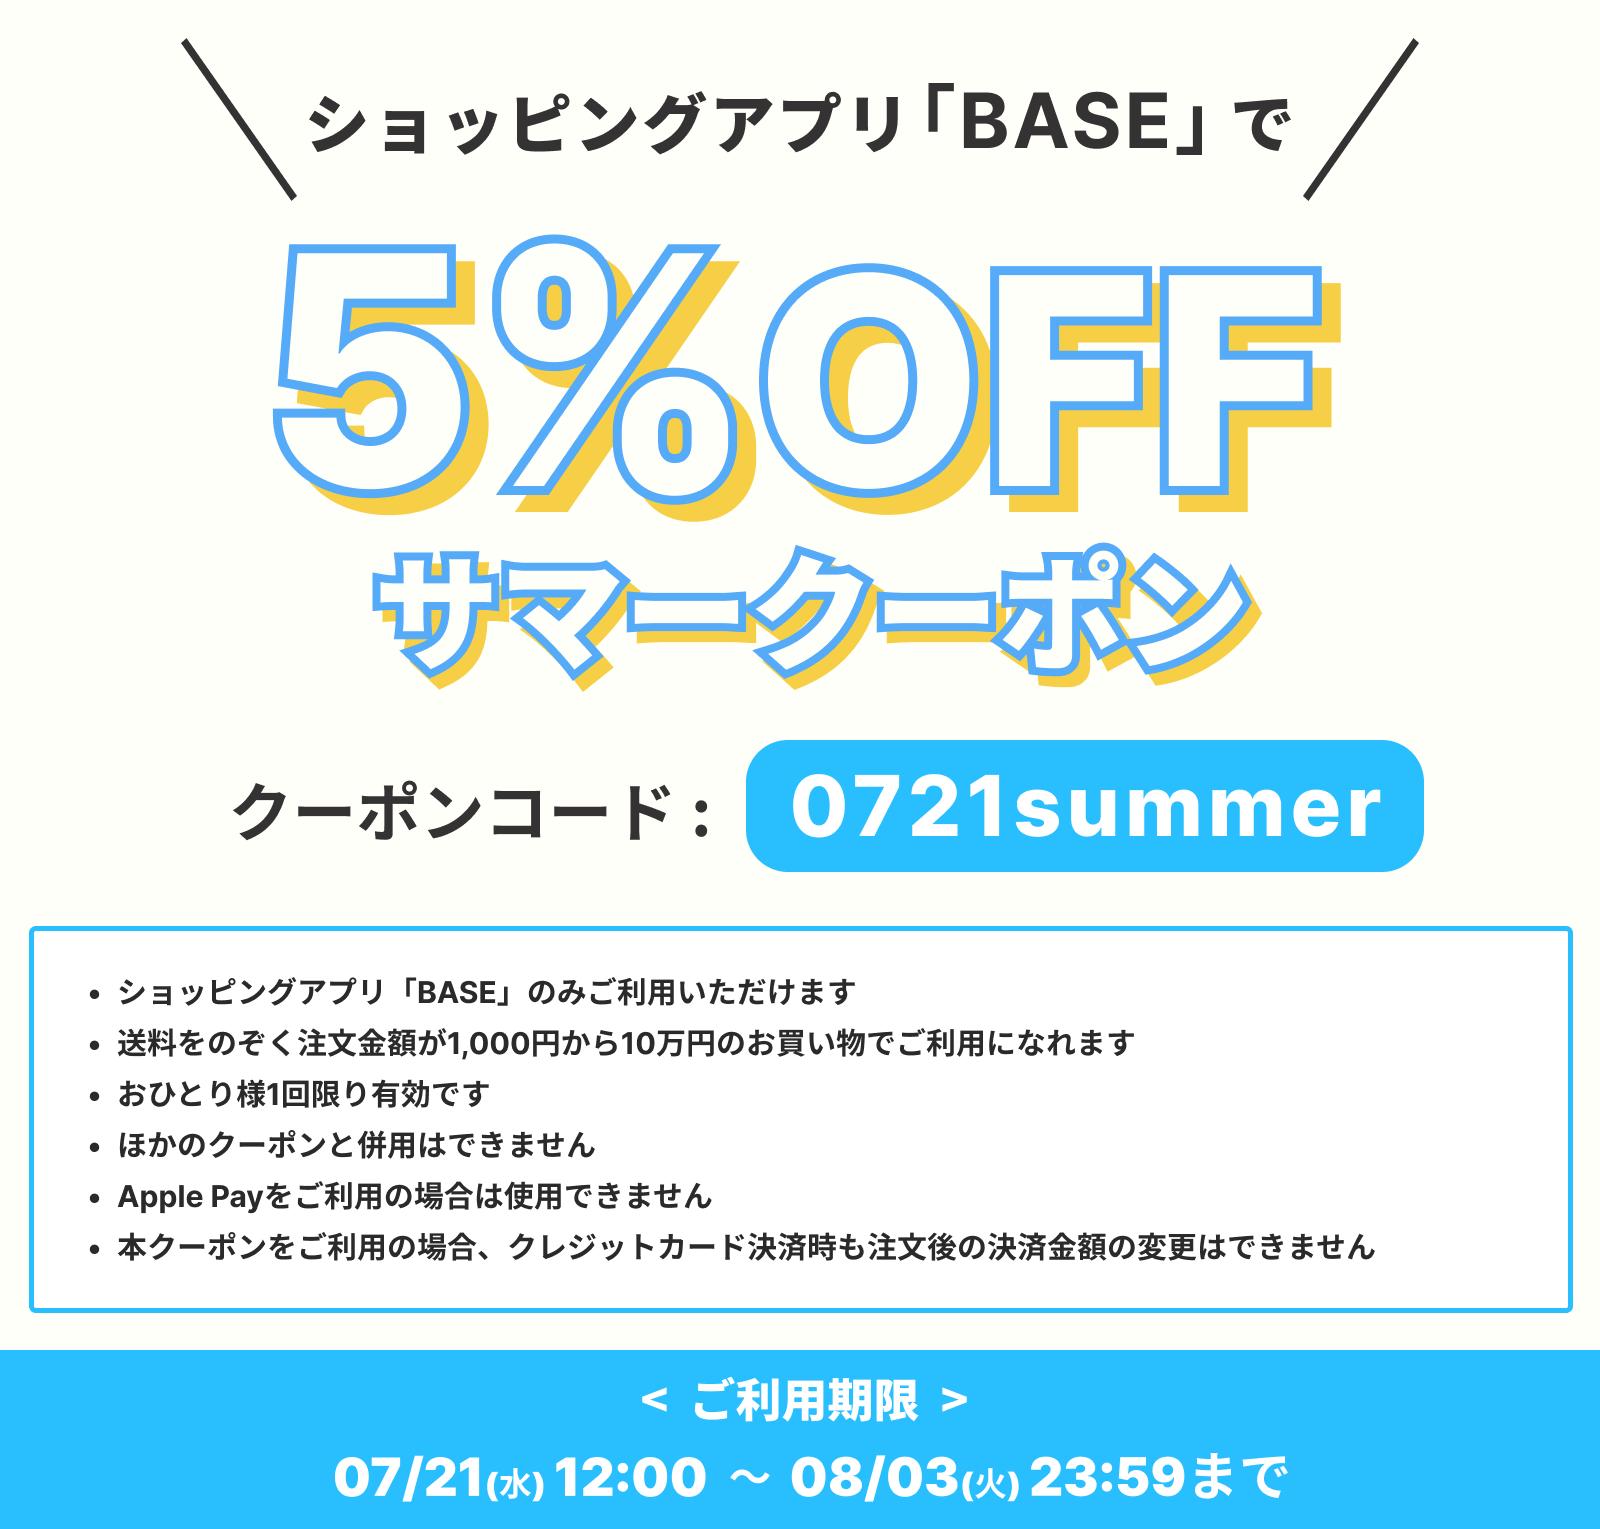 【7/21~8/3 期間限定!】 サマークーポンキャンペーン!